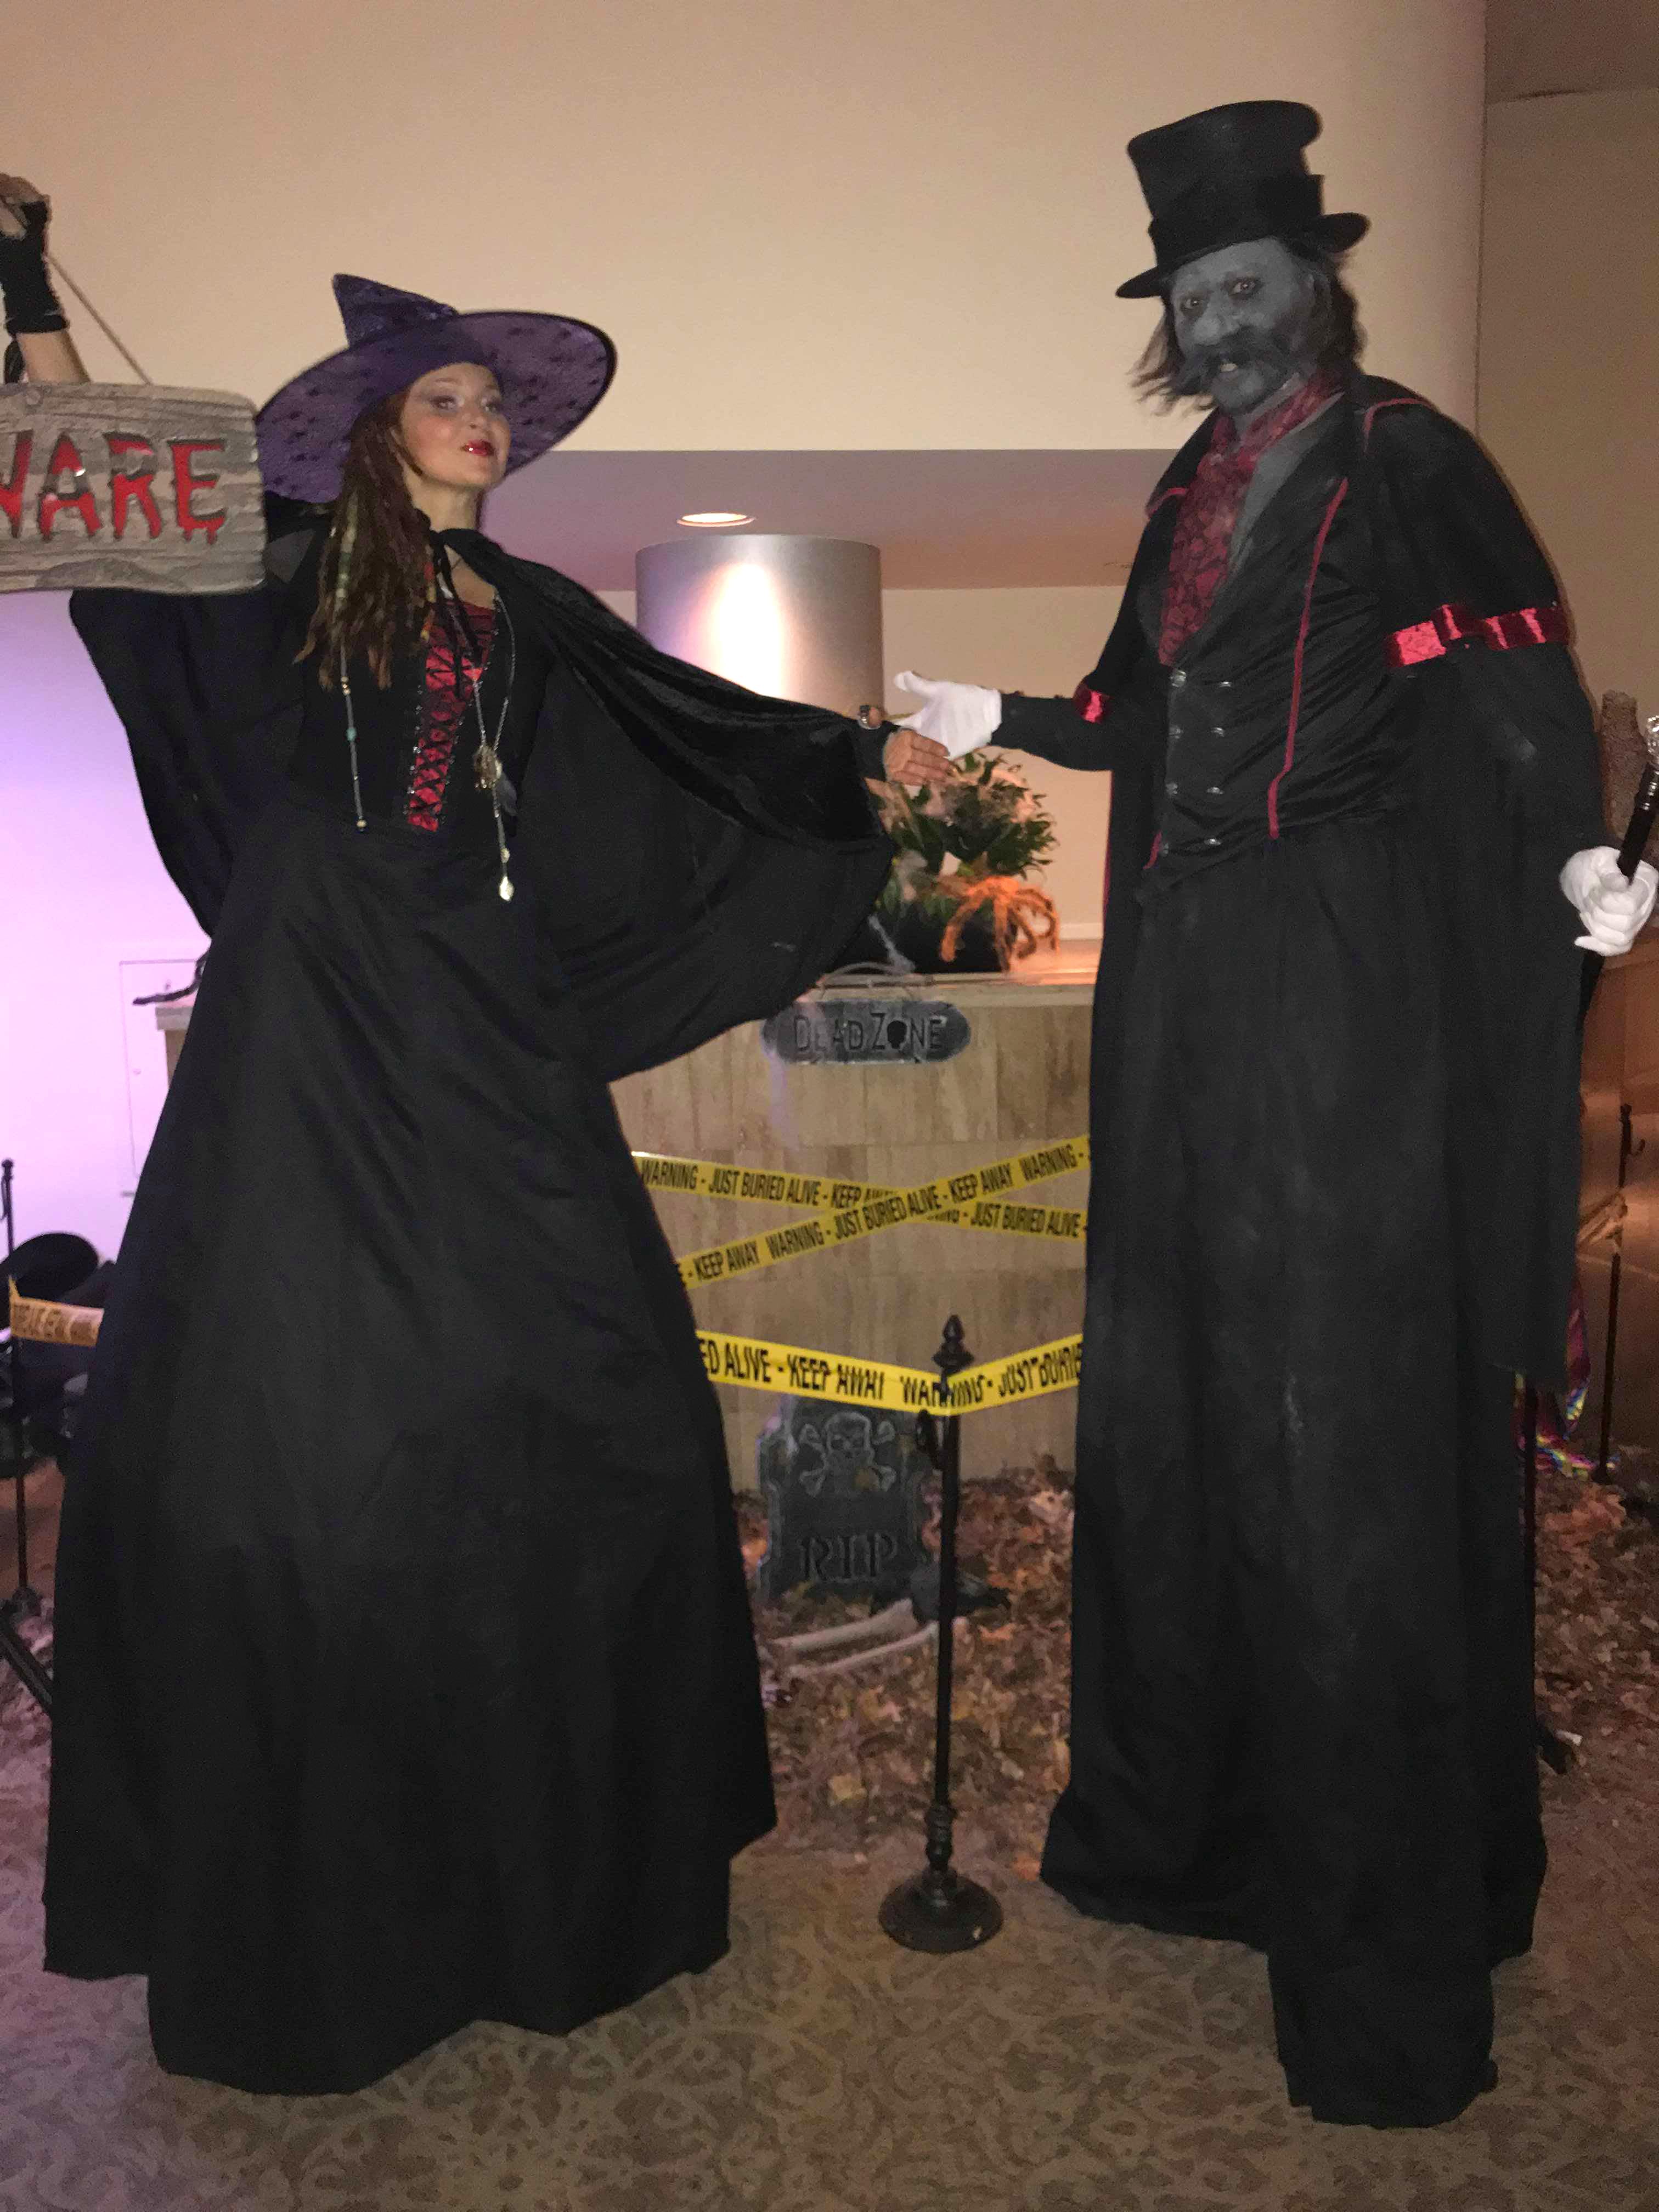 Friendly Witch & Silly Zombie Stilts